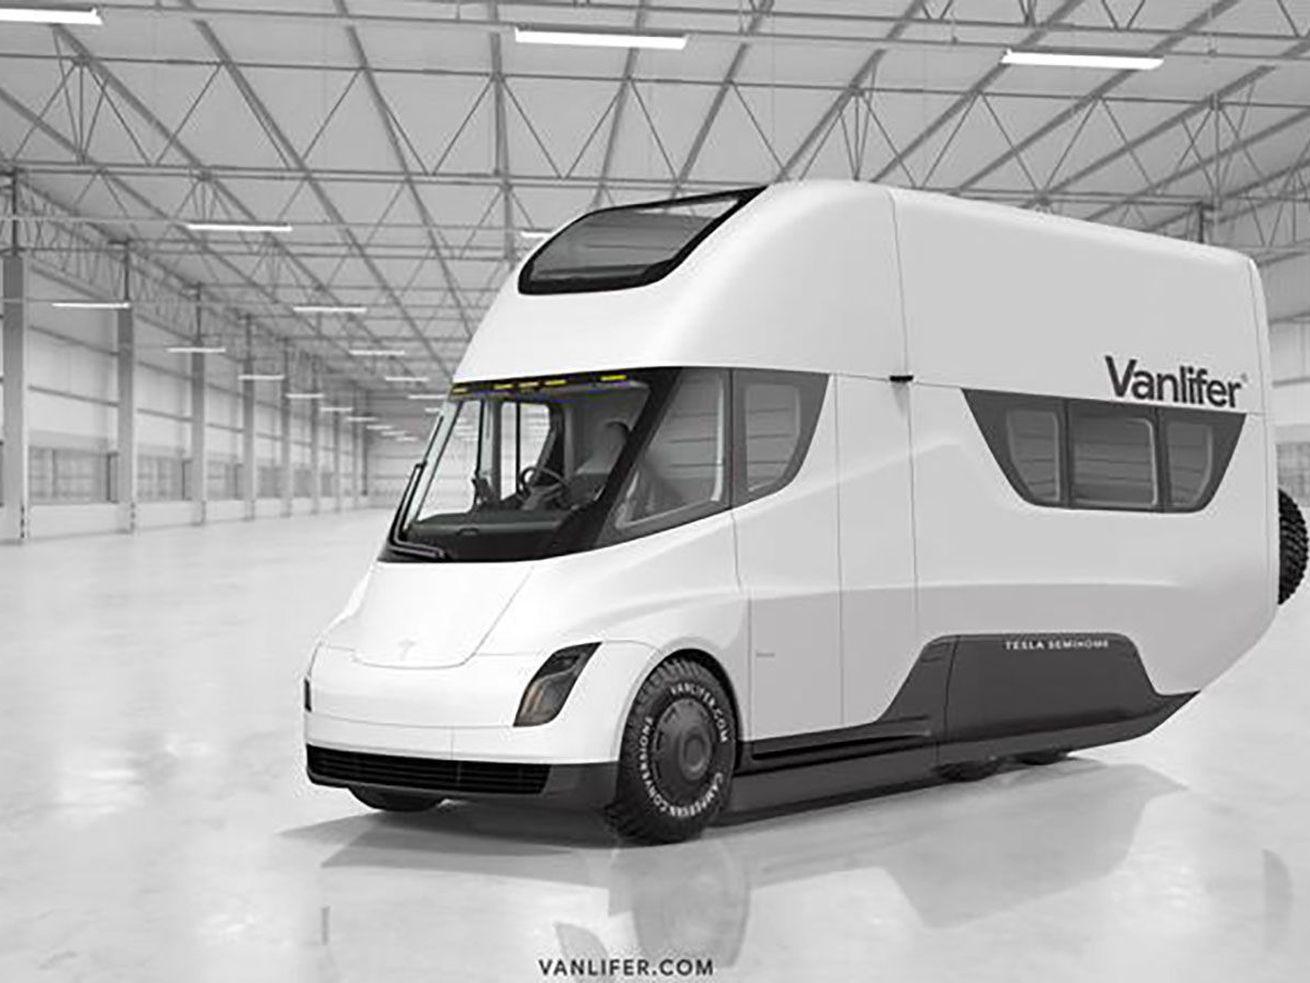 Tesla?s Semi truck reimagined as a luxury RV